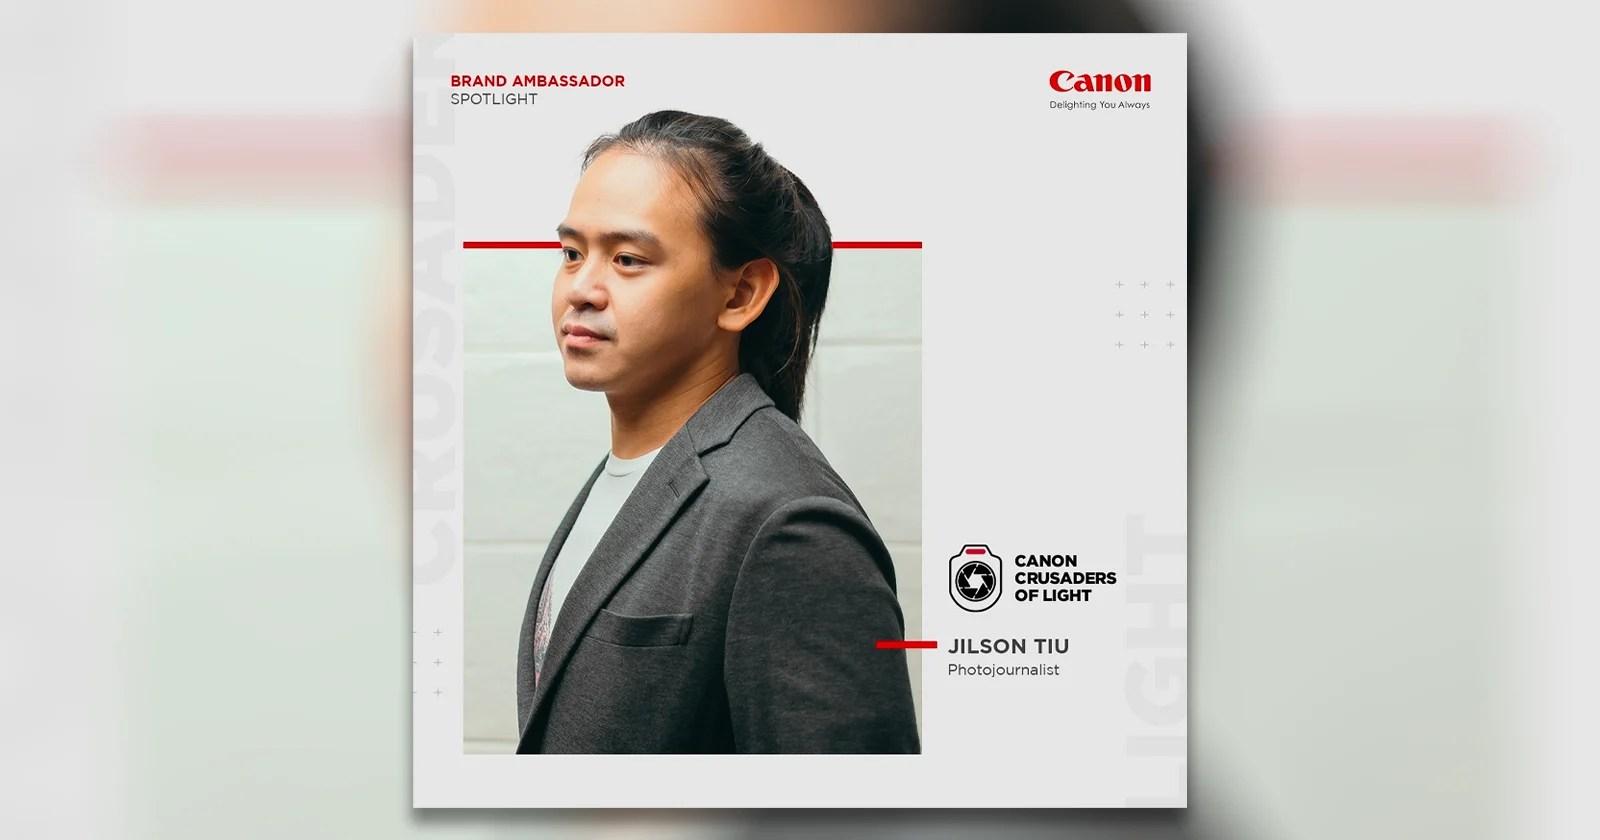 Fotogiornalista lascia Canon ambasciatore Filippine dopo il contraccolpo After